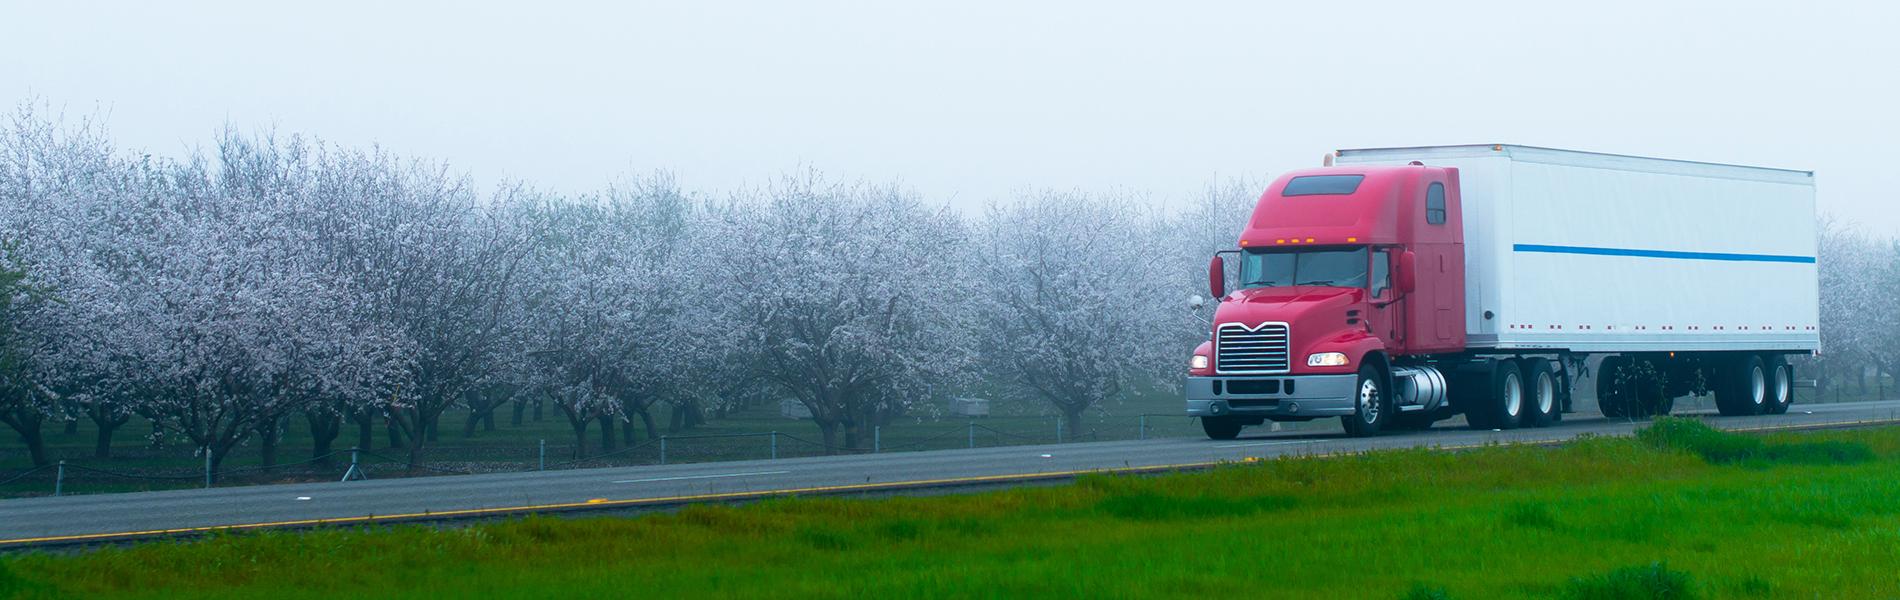 Greensboro Truck Accident Attorney